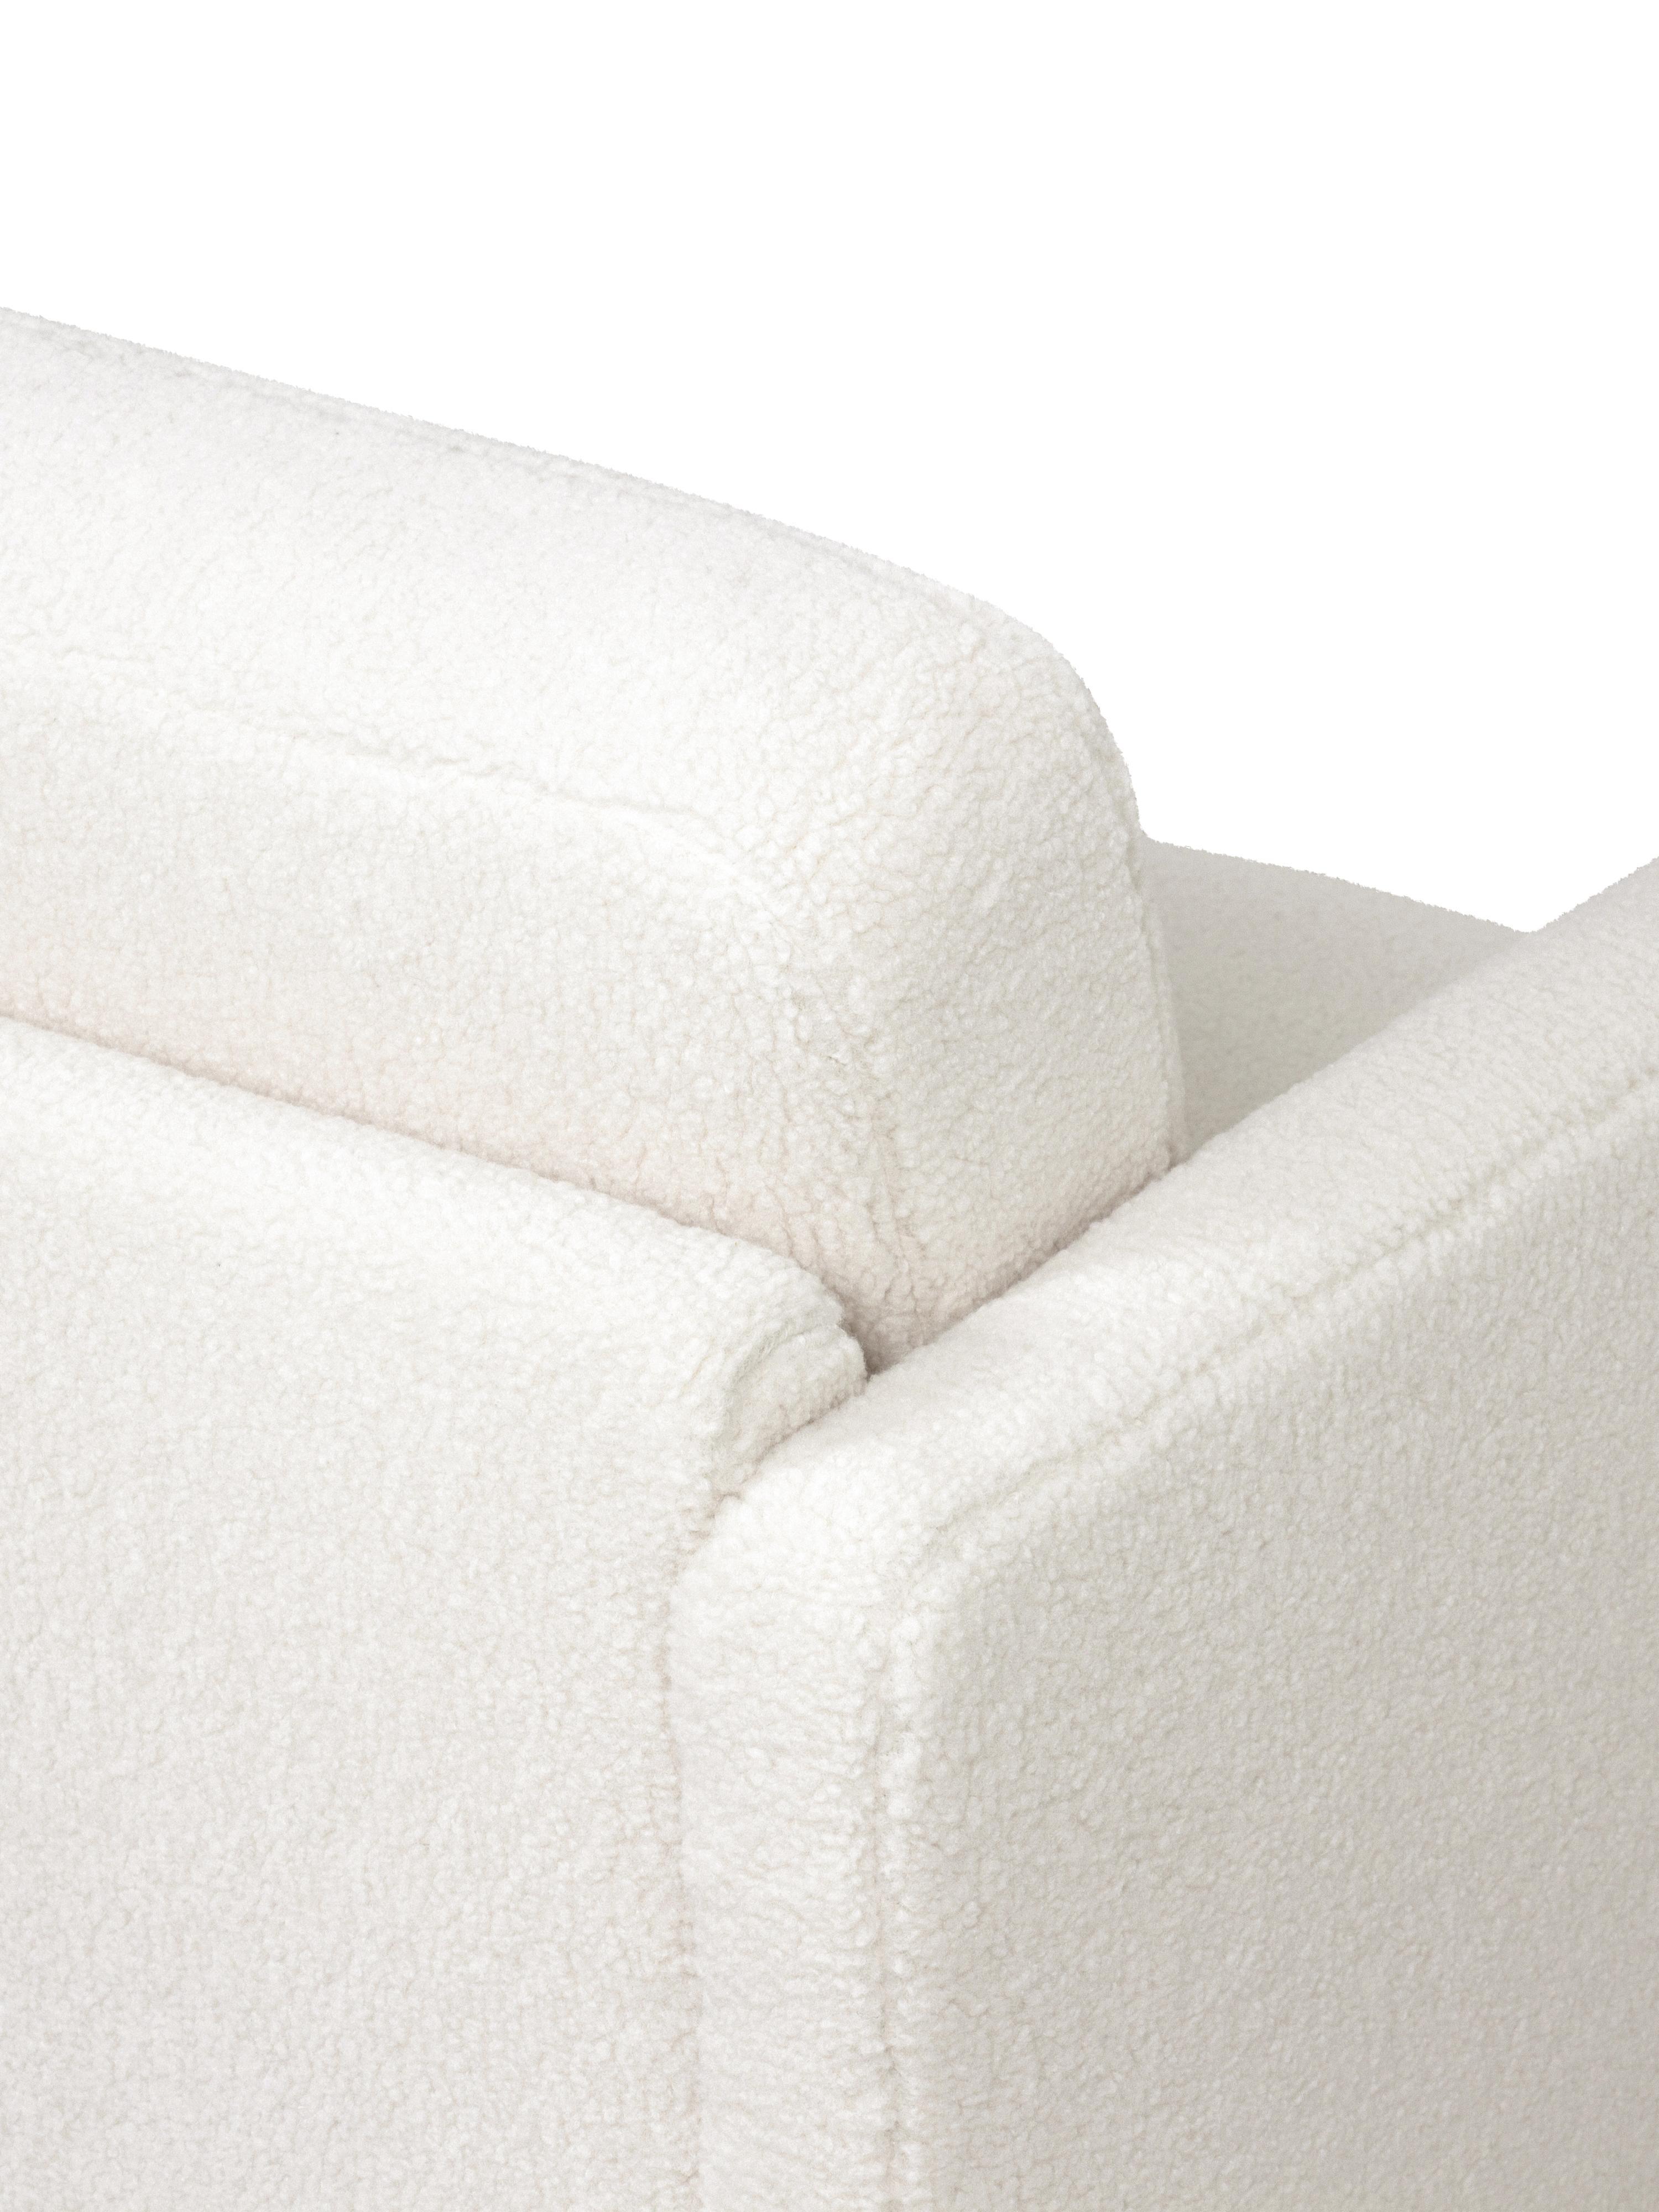 Poltrona in tessuto teddy bianco crema Fluente, Rivestimento: 100% poliestere (peluche), Struttura: legno di pino massiccio, Piedini: metallo, verniciato a pol, Tessuto bianco crema, Larg. 74 x Prof. 85 cm